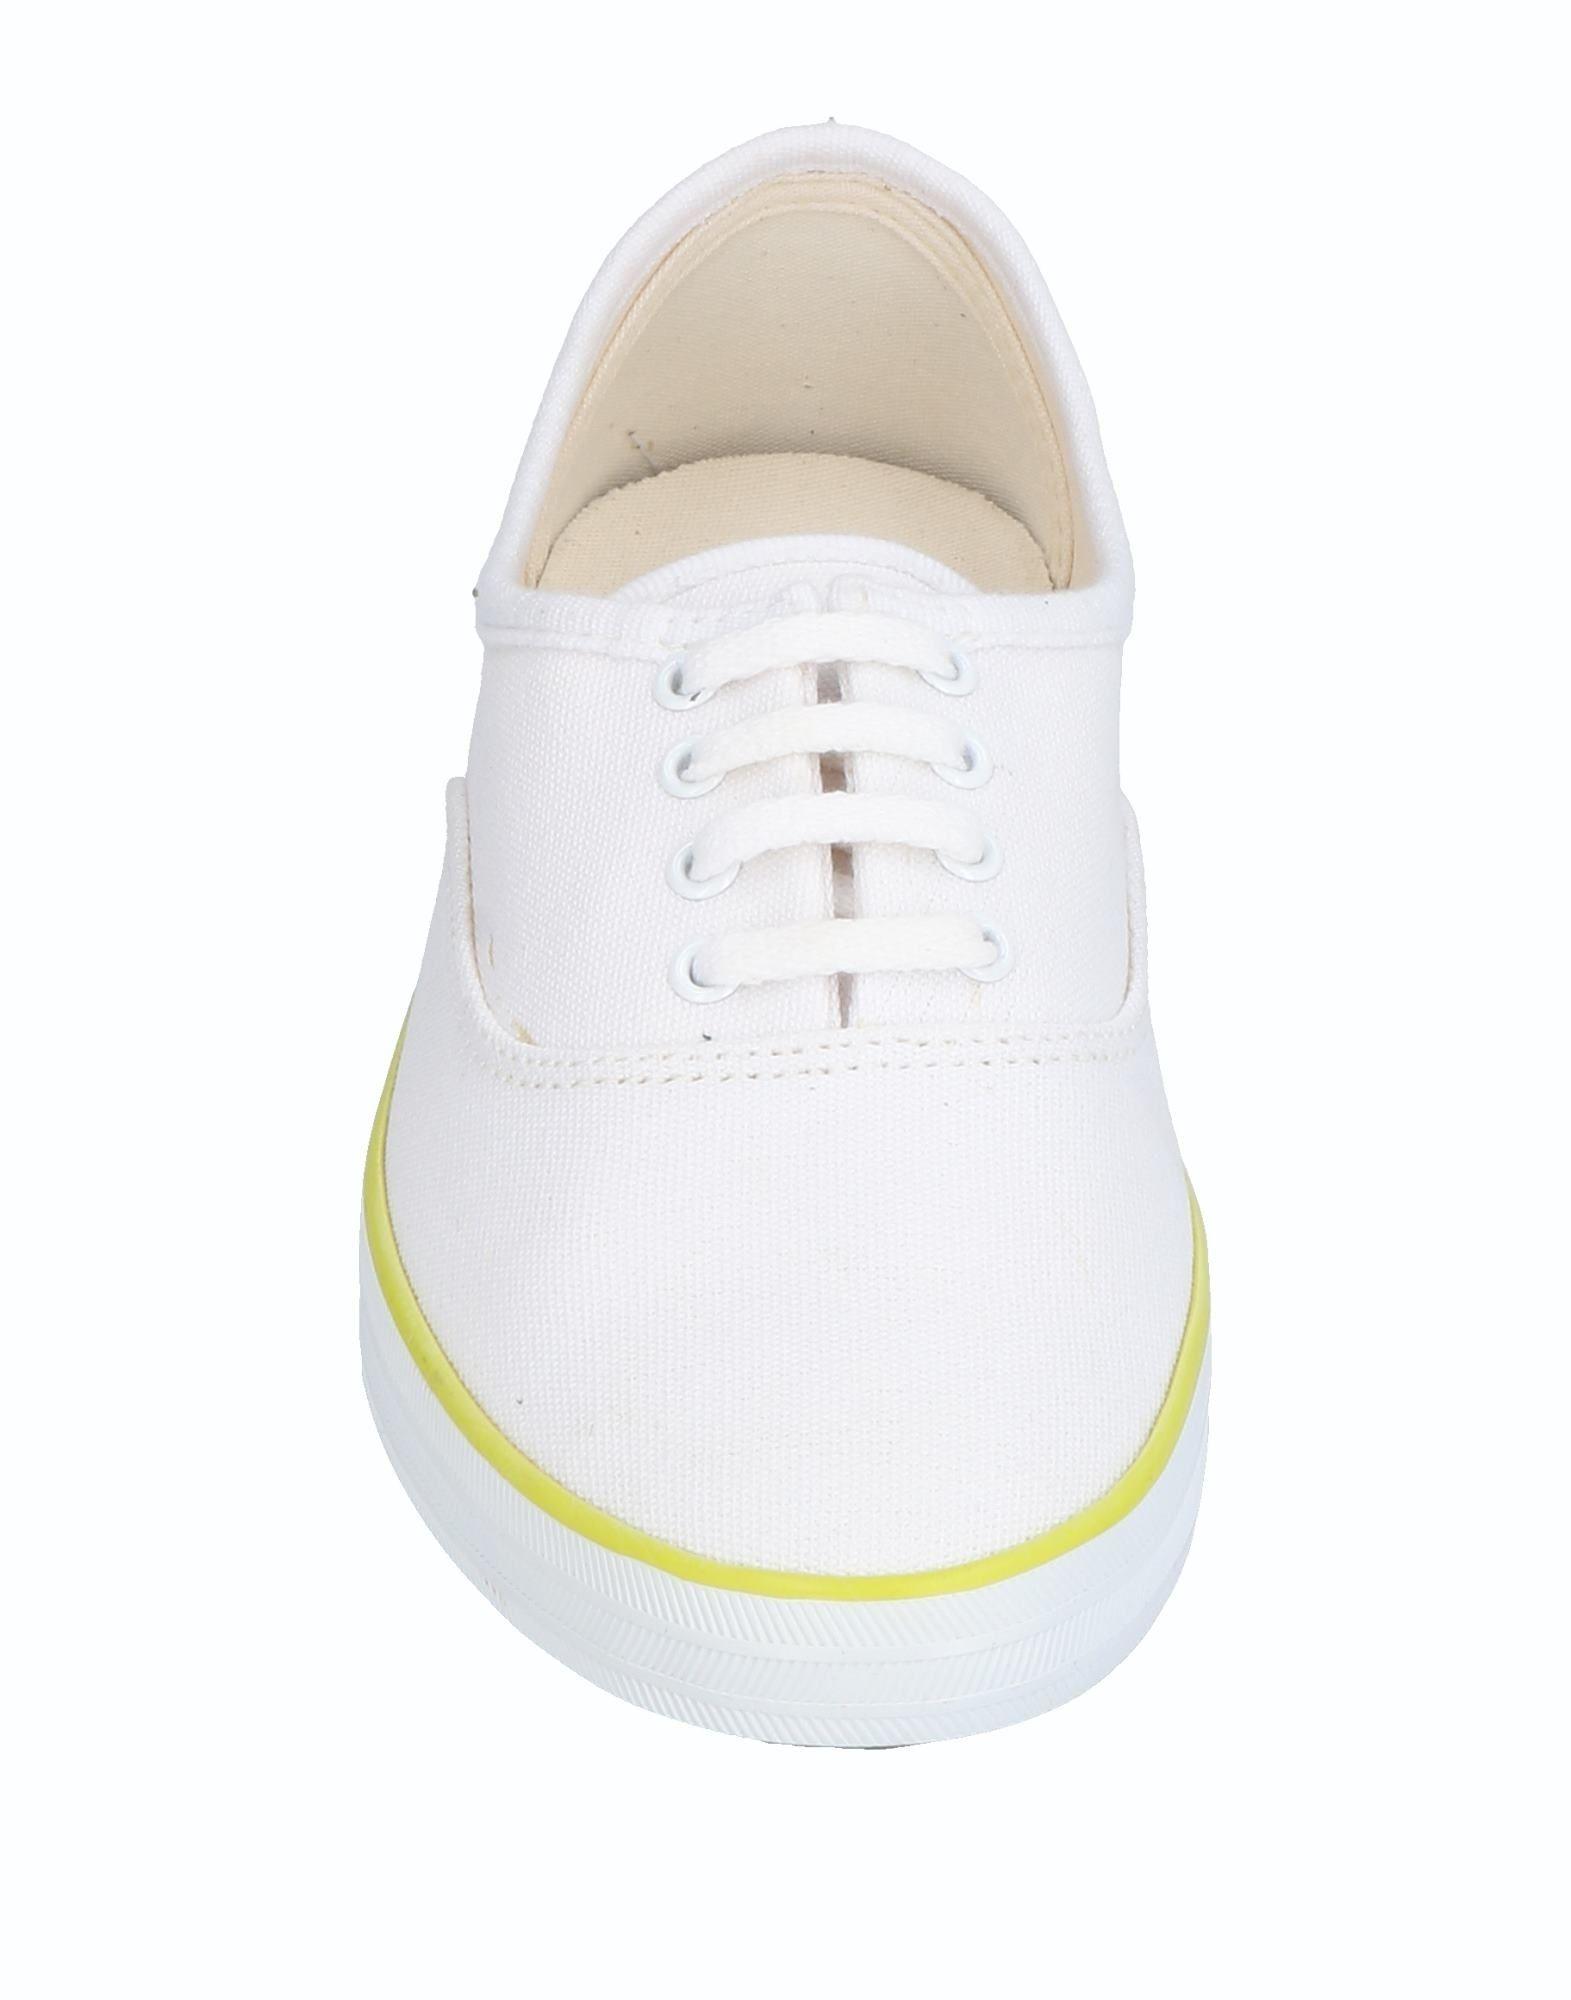 Veja Sneakers Damen  11500884MU Schuhe Gute Qualität beliebte Schuhe 11500884MU 867d4b